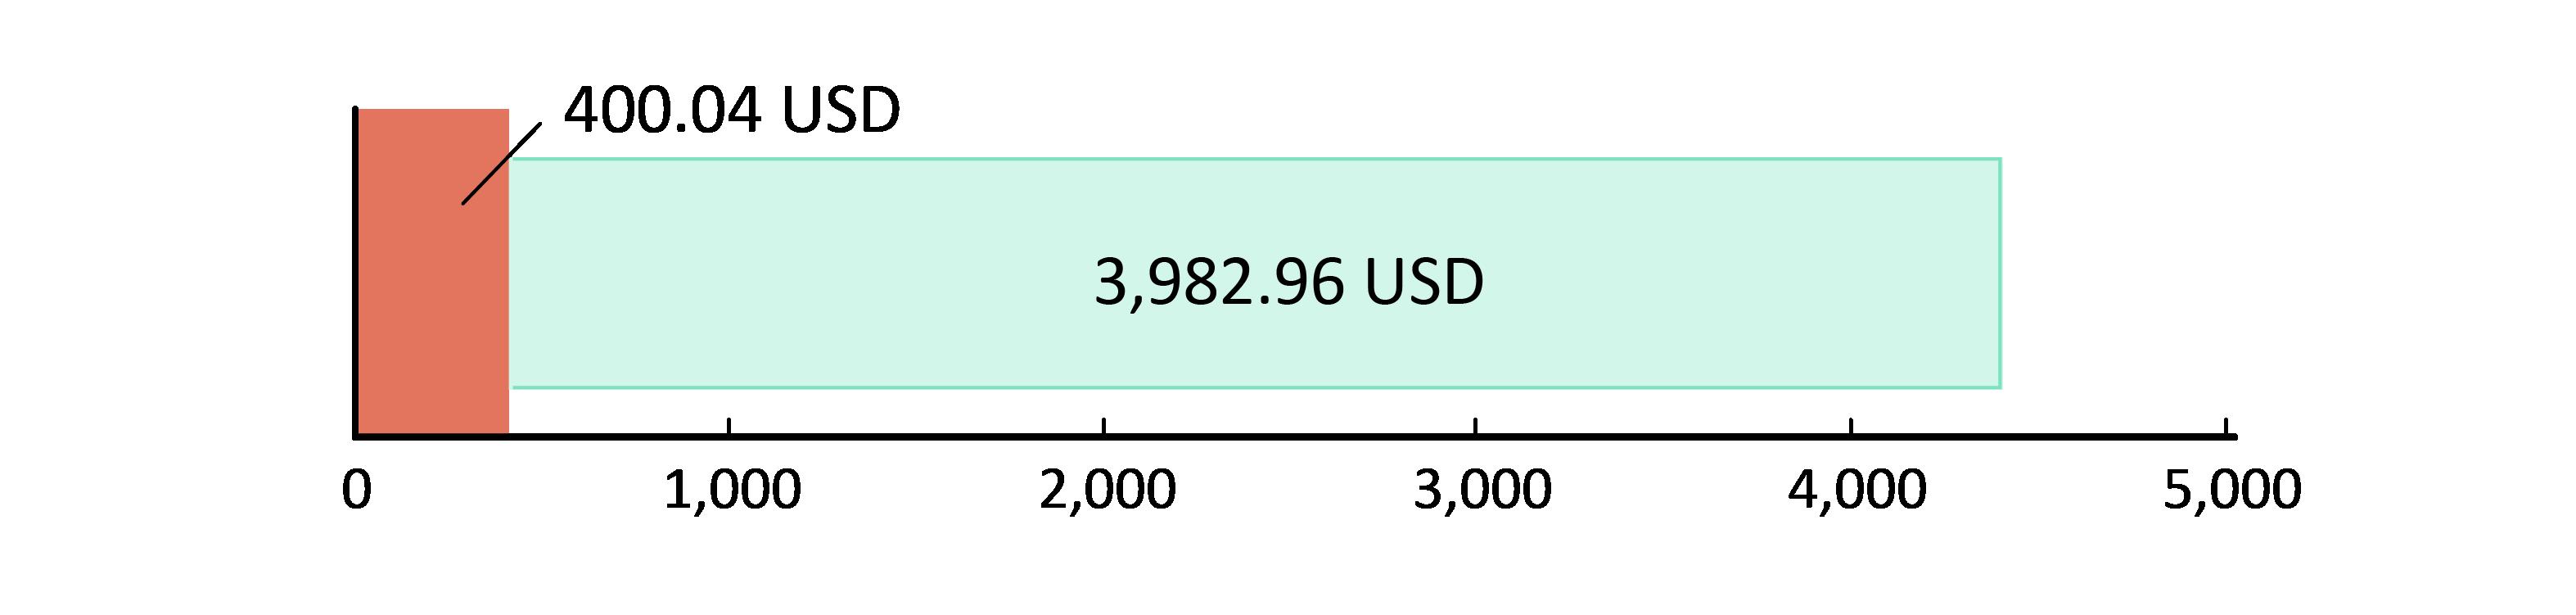 400.04 USD harcandı; 3982.96 USD kaldı